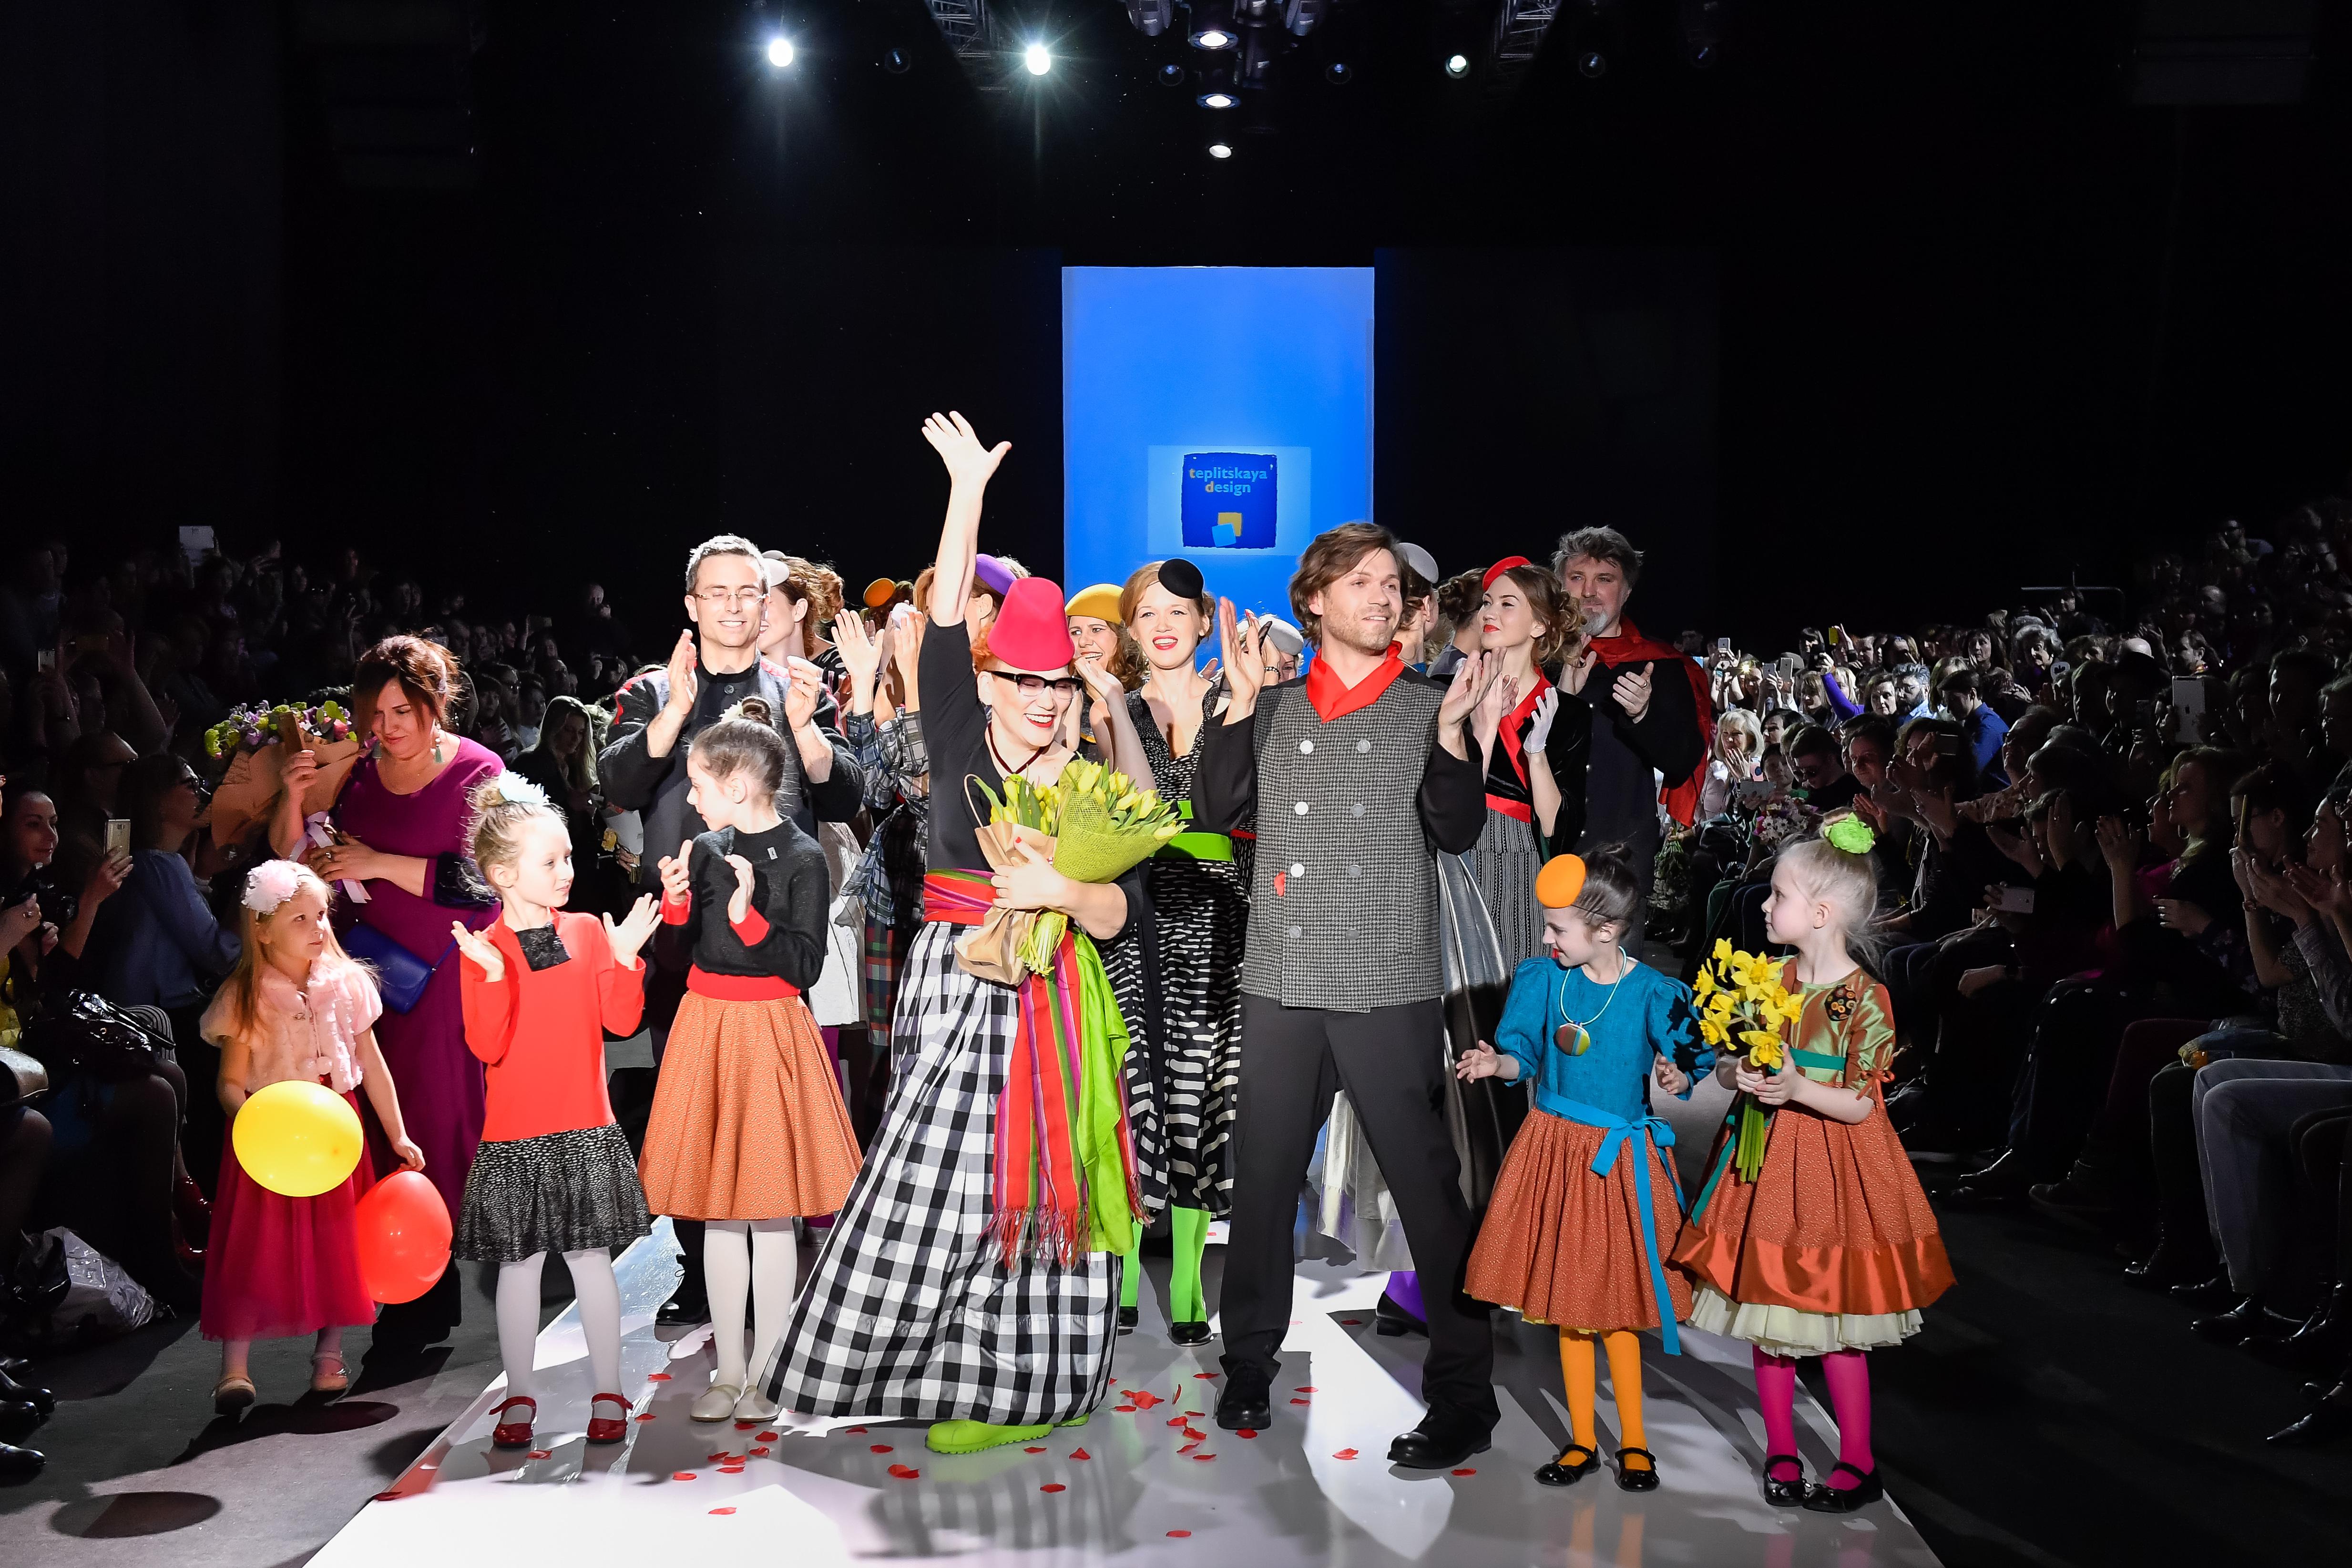 37-й сезон Недели моды в Москве 37-й сезон Недели моды в Москве BOY0181